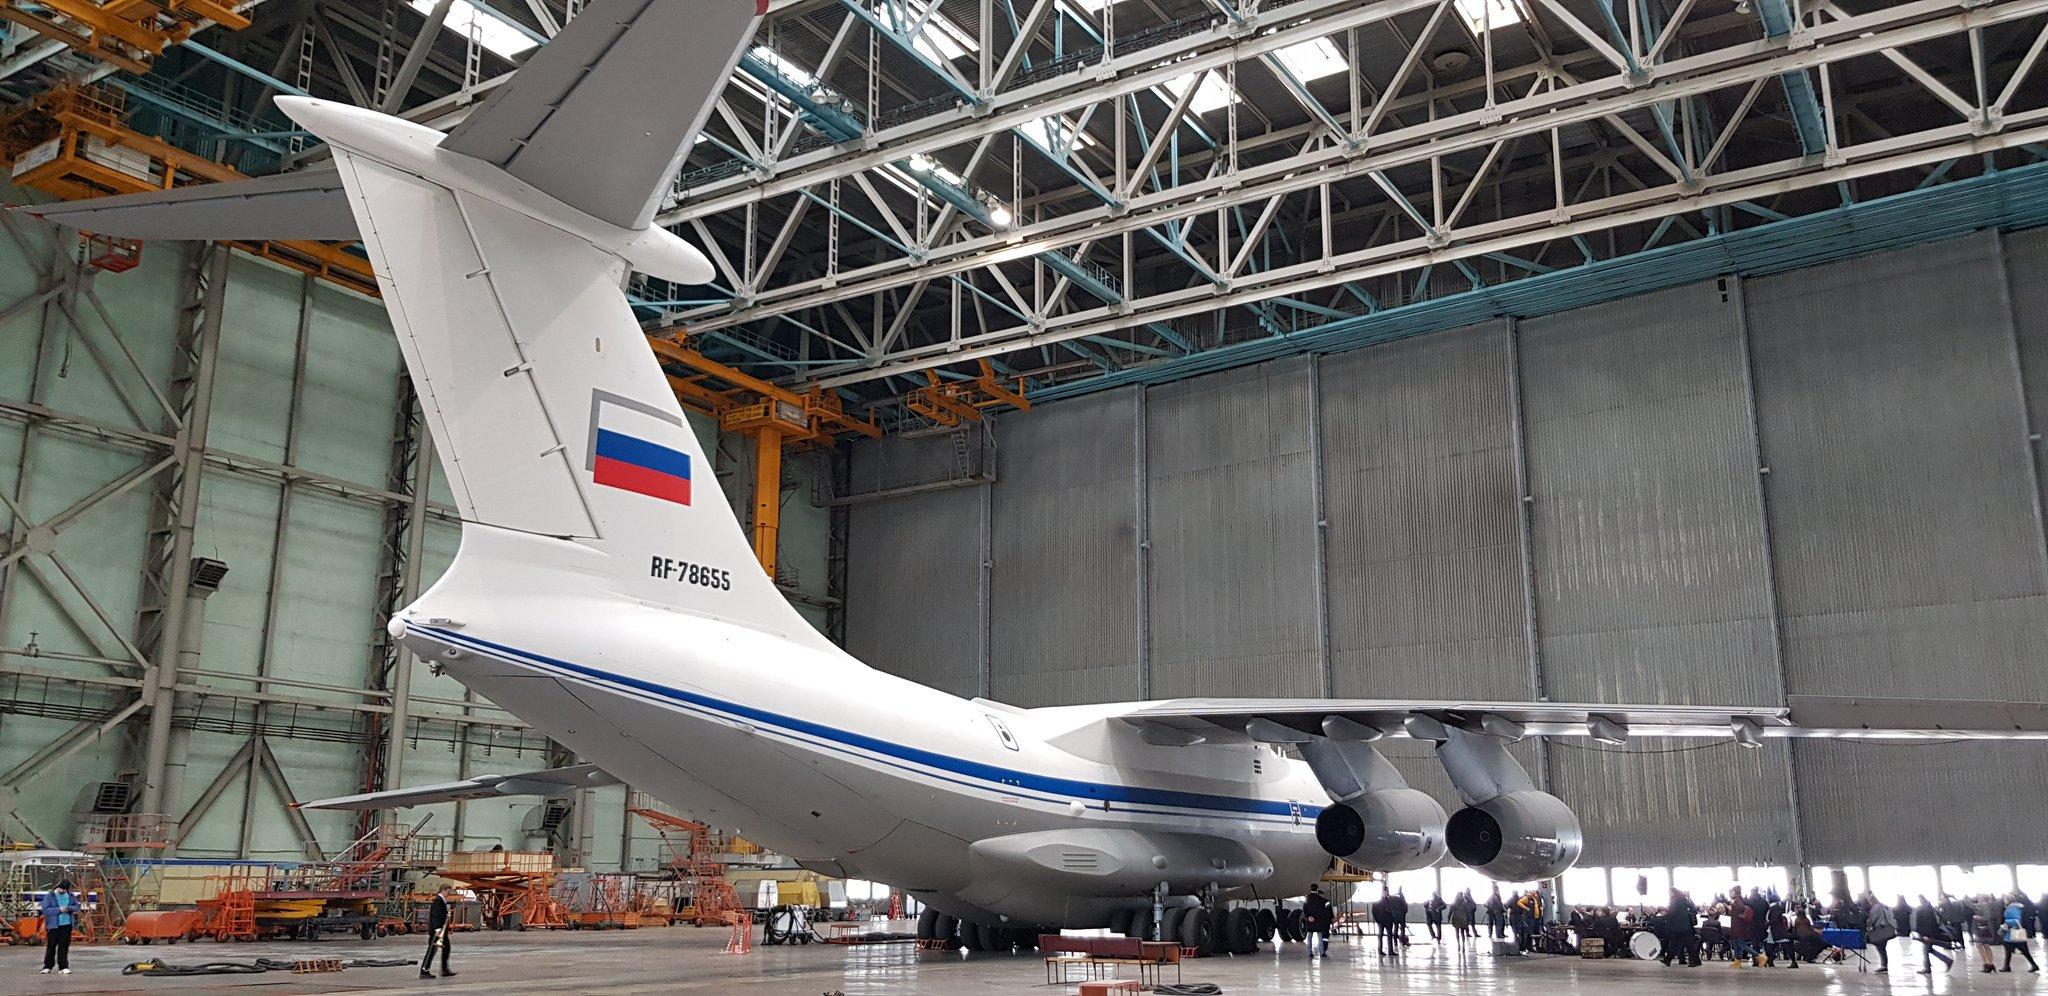 Il-76/476 Military Transports - Page 7 D3JF5N5XkAAXTKX